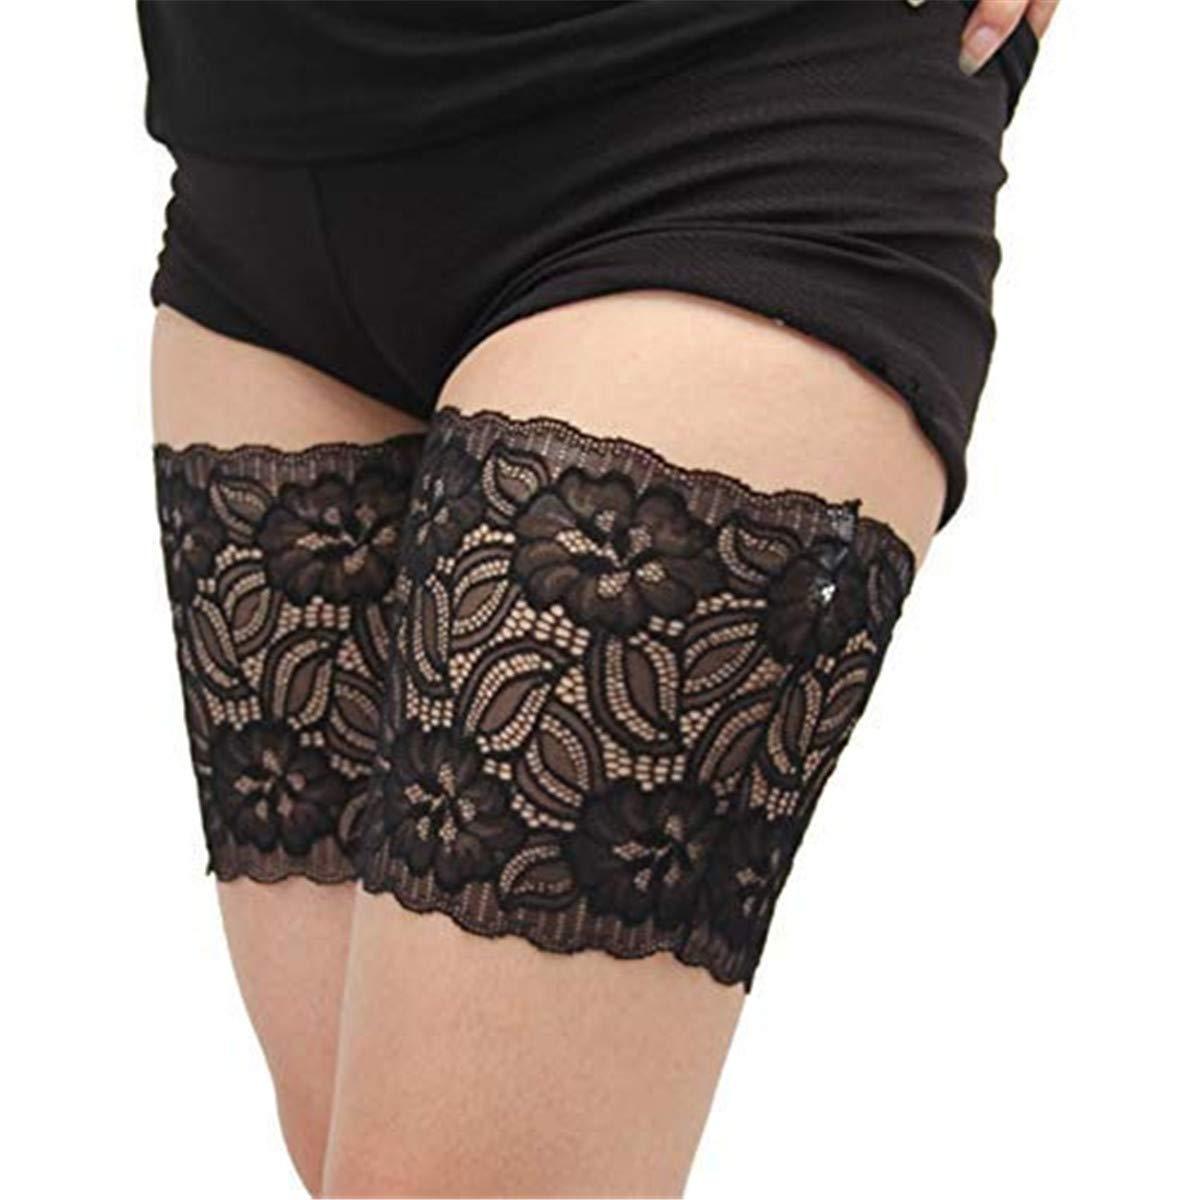 Damen Elastische Oberschenkelb/änder Socken Anti Chafing Thigh Bands Lace Oberschender B/änder Anti-Scheuern